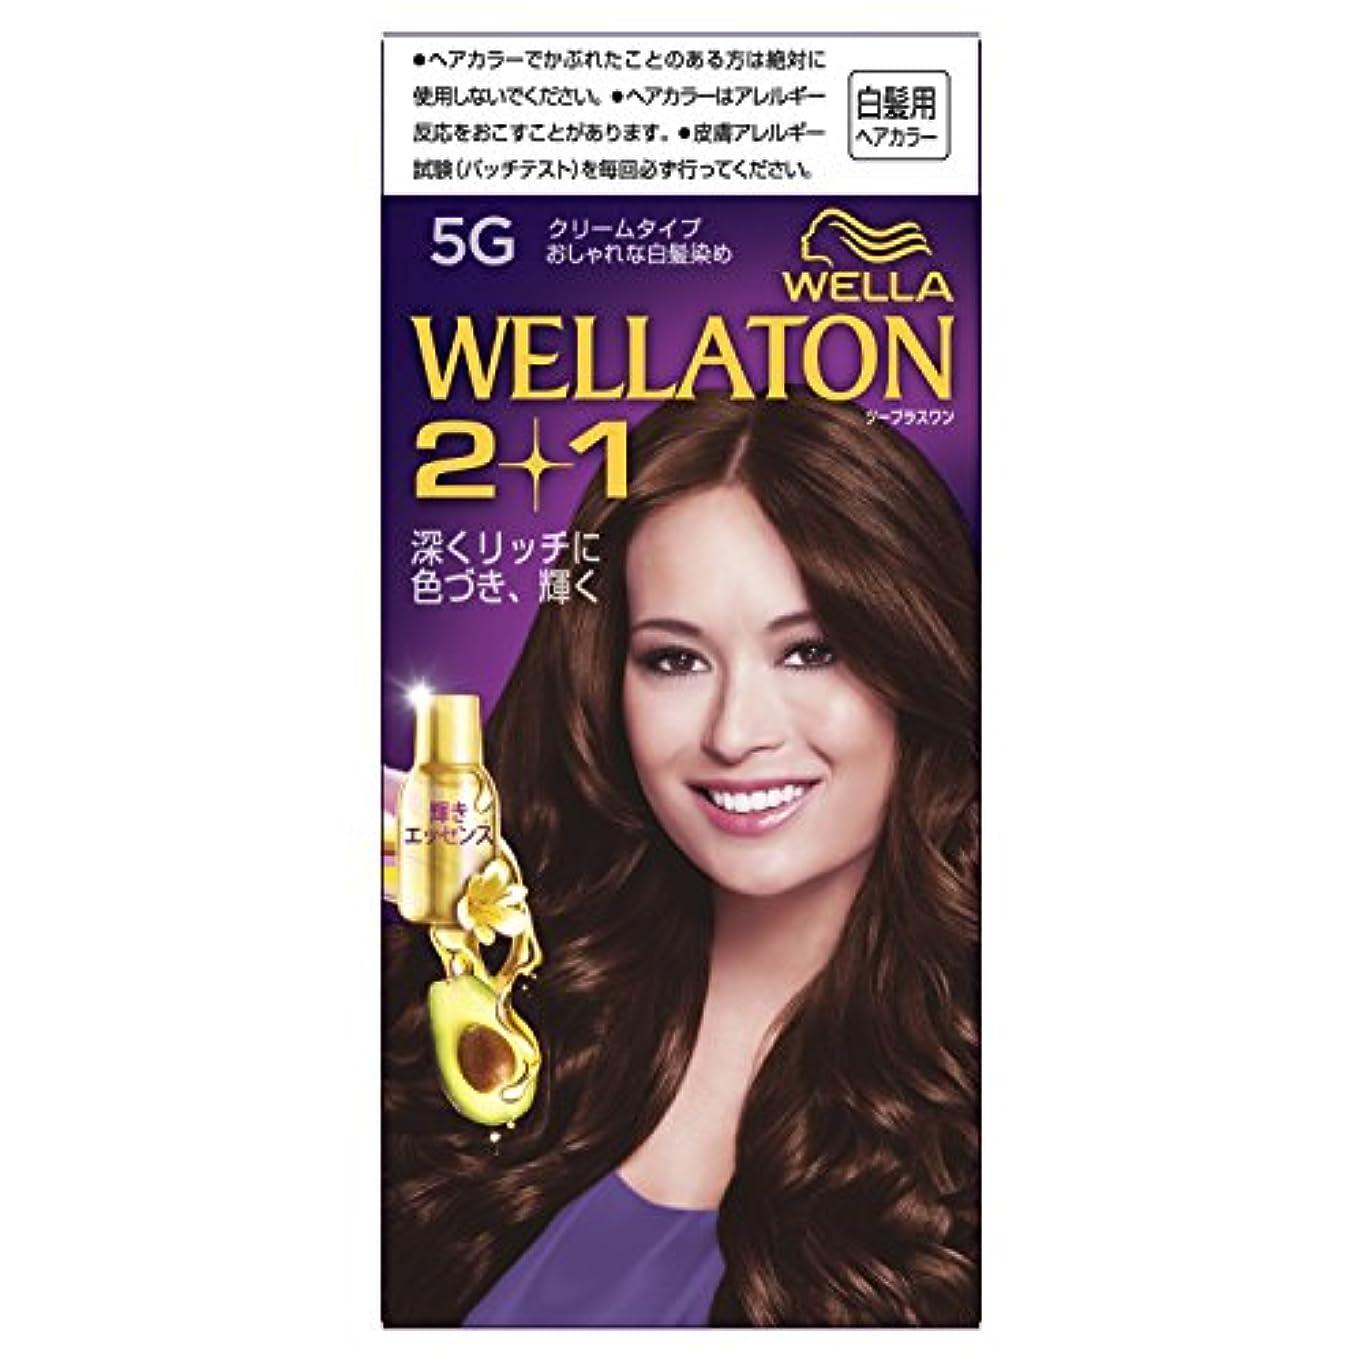 ドル分布アカウントウエラトーン2+1 クリームタイプ 5G [医薬部外品](おしゃれな白髪染め)